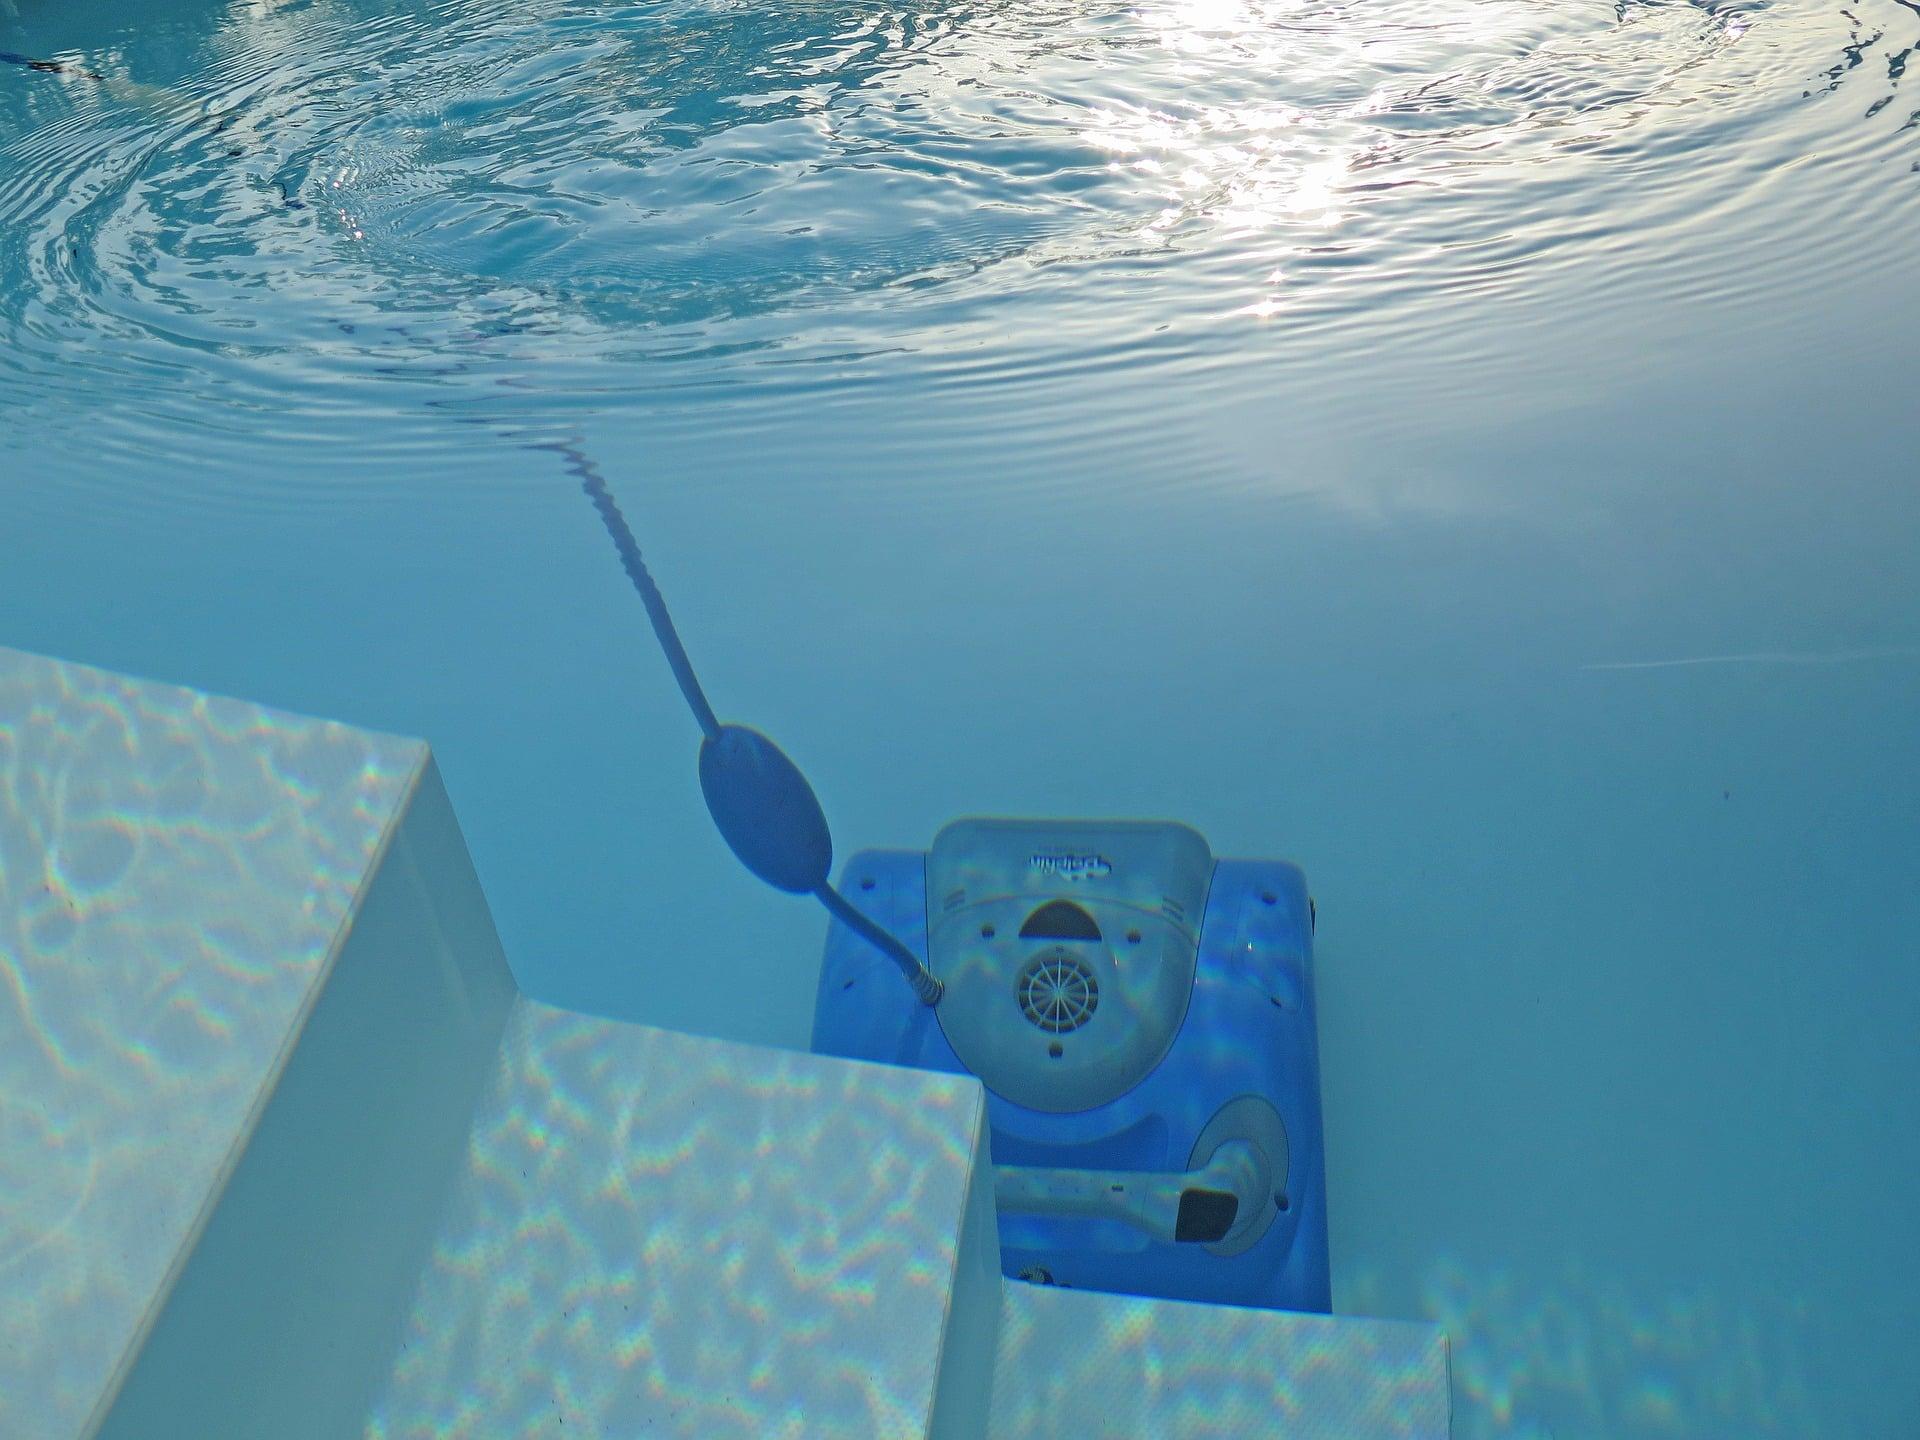 Robot piscine pour les celles qui sont enterrées - un indispensable pour vous faciliter la vie